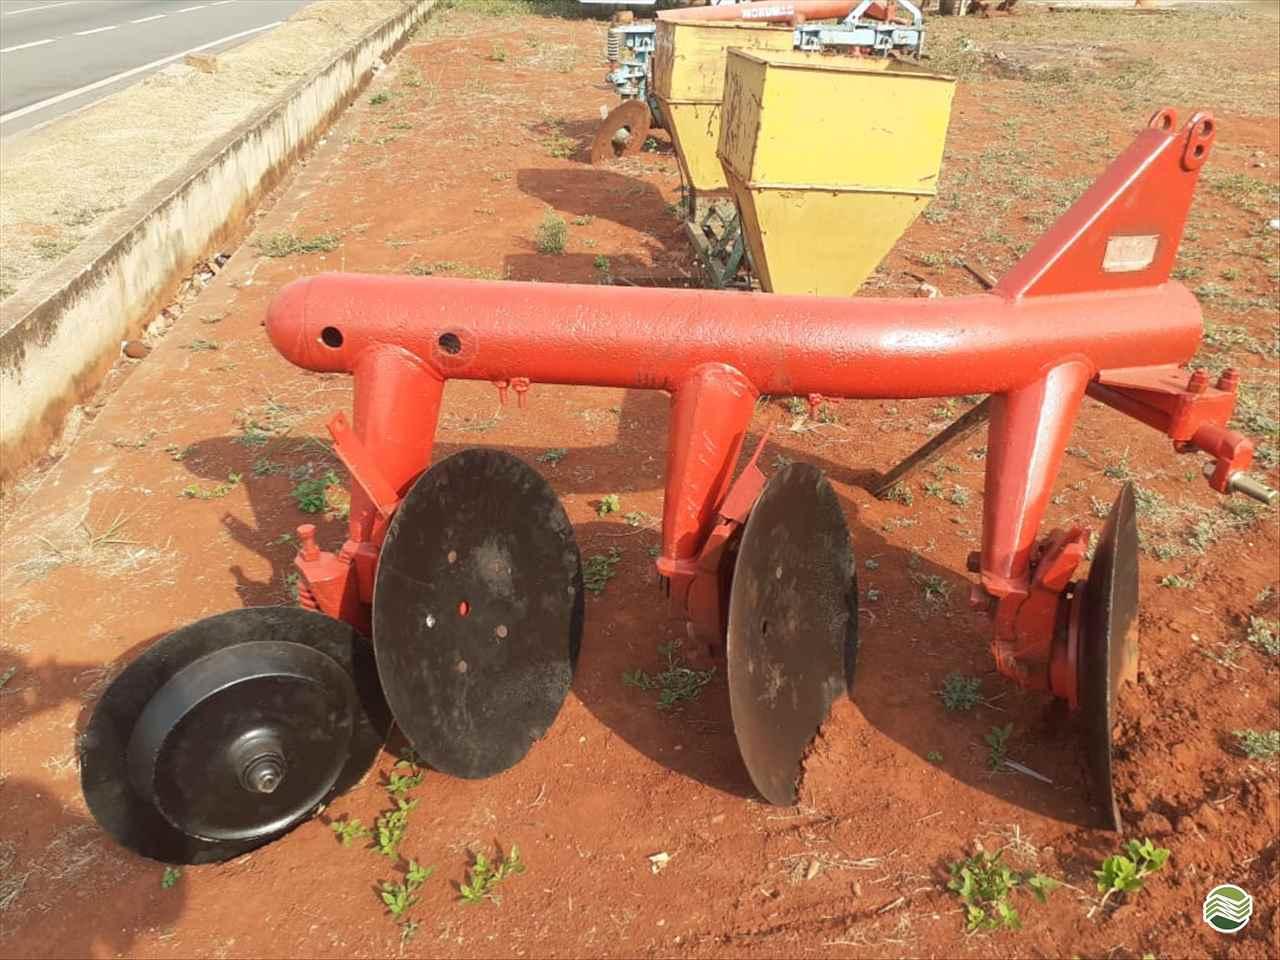 IMPLEMENTOS AGRICOLAS ARADO DE DISCO 3 DISCOS FIXO Sumaré Máquinas e Veículos SUMARE SÃO PAULO SP